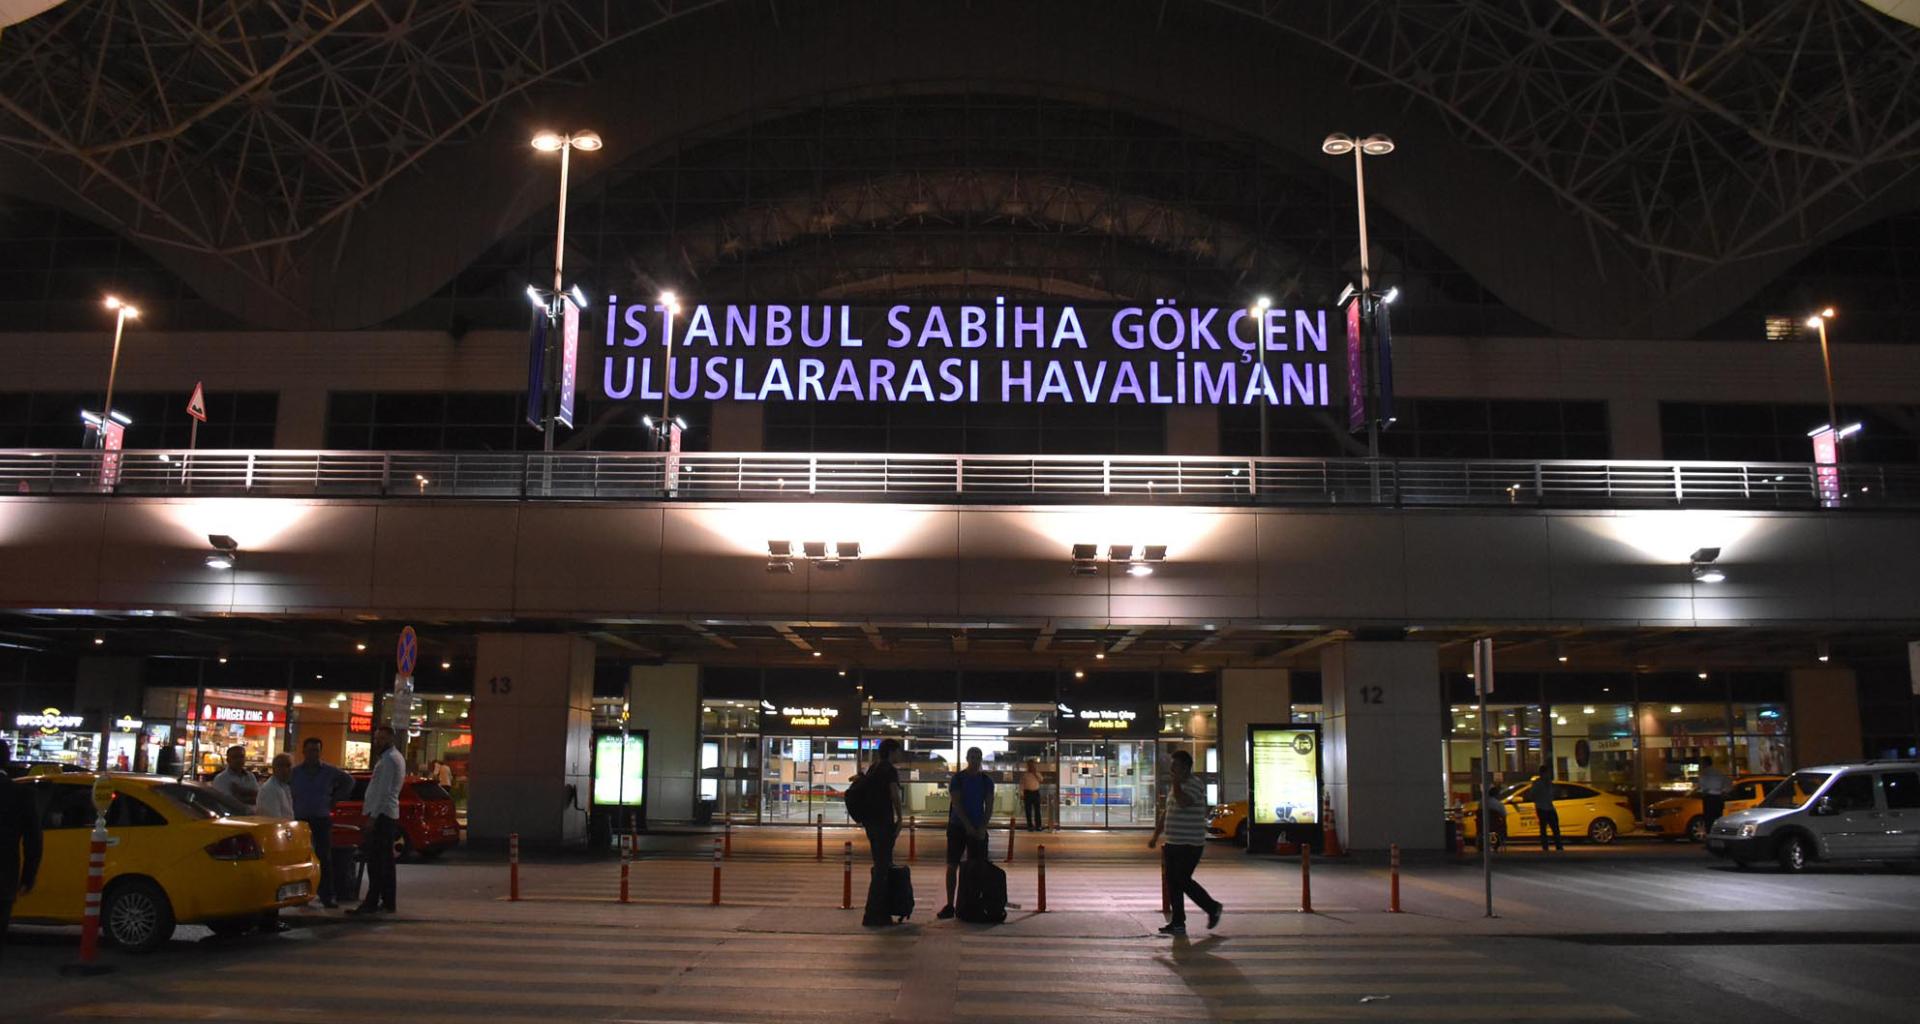 Beşiktaş – Sabiha Gökçen Havalimanı Transferi